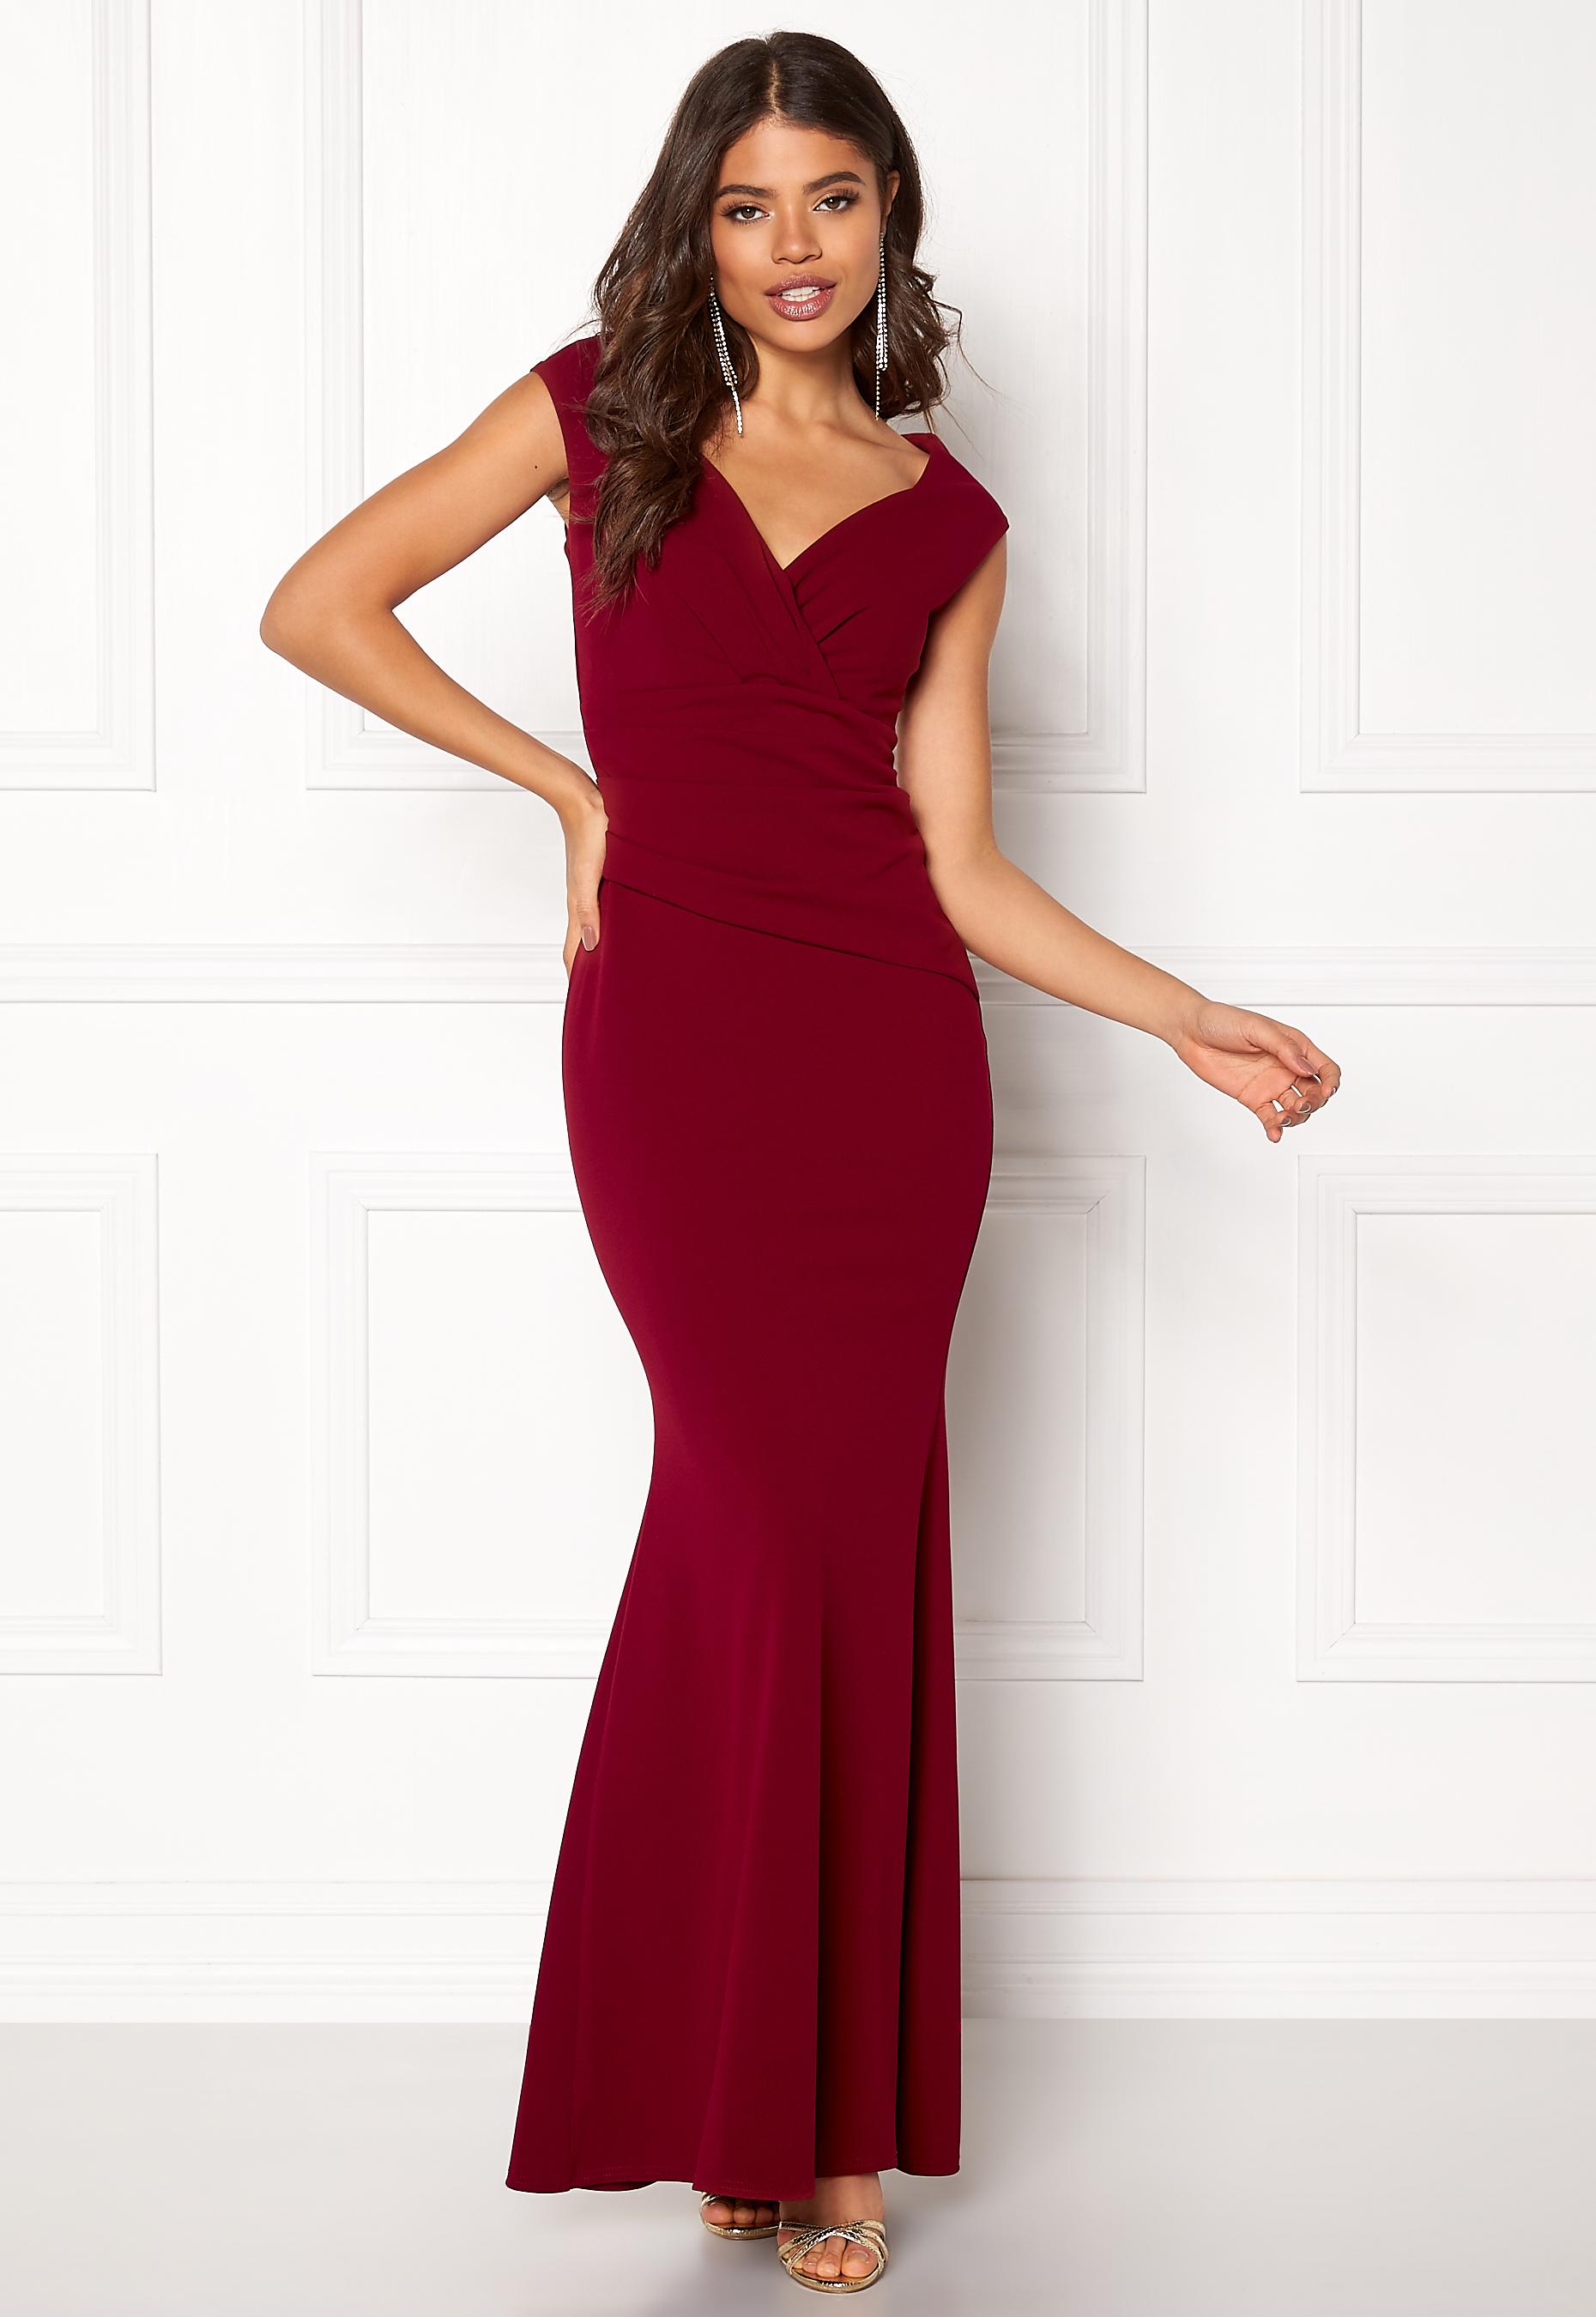 1c49c5e7c953 Goddiva | Fashion and dresses - Bubbleroom - Clothing & Shoes online